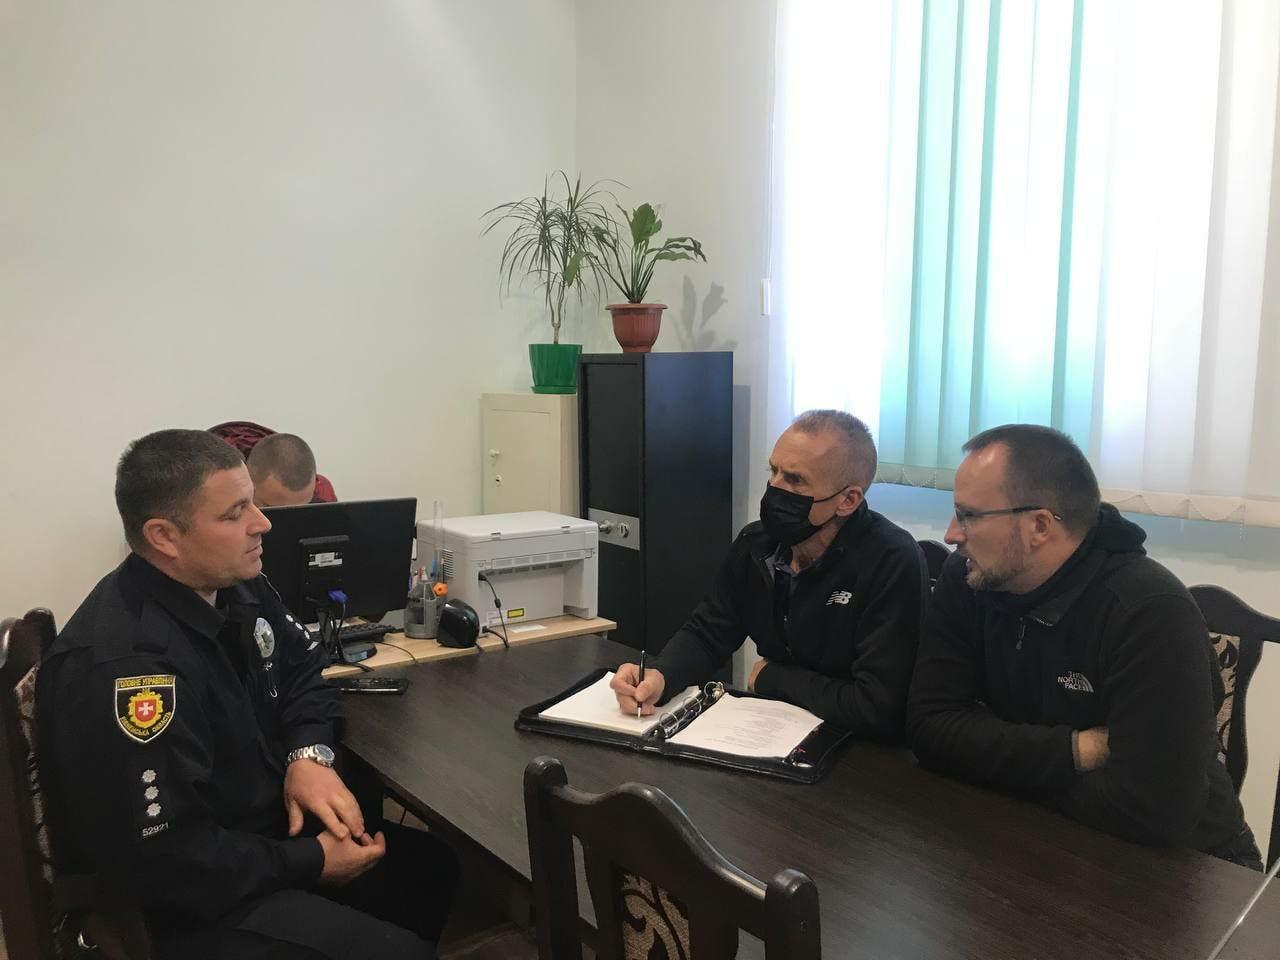 Робоча зустріч представників ІСІТАР з поліцейським офіцером громади.